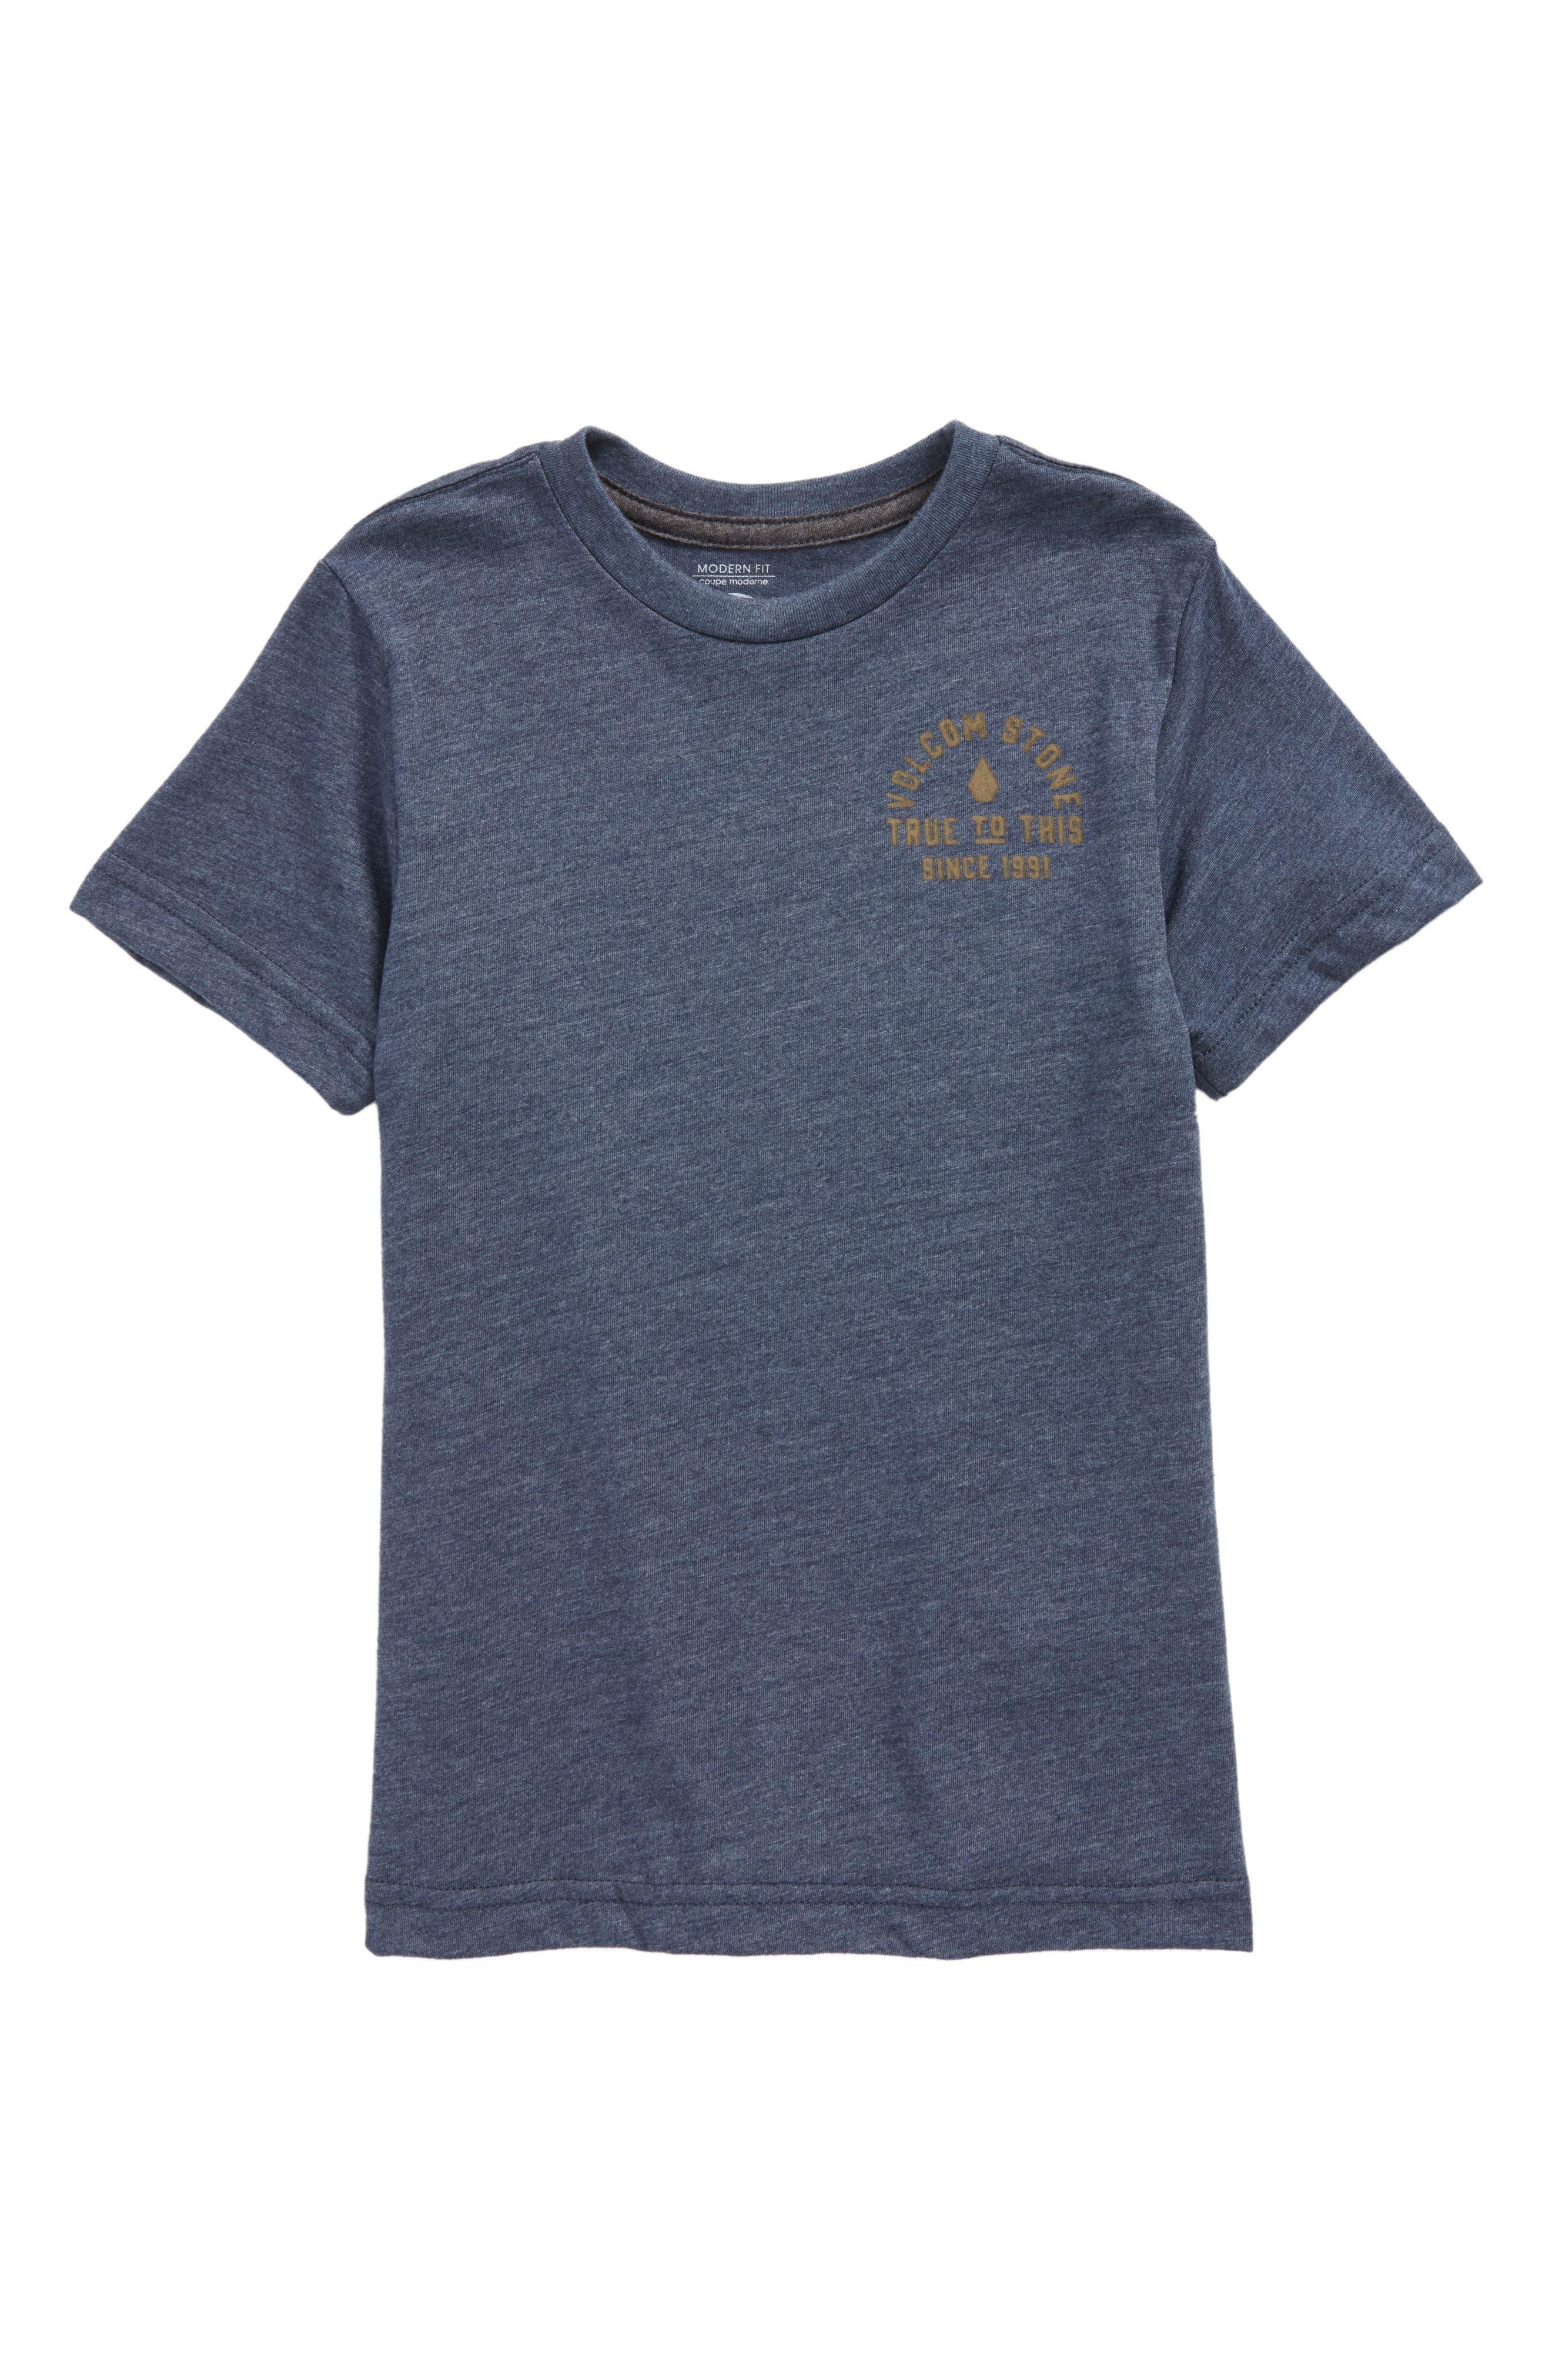 Stone Co. T-Shirt,                         Main,                         color, Indigo